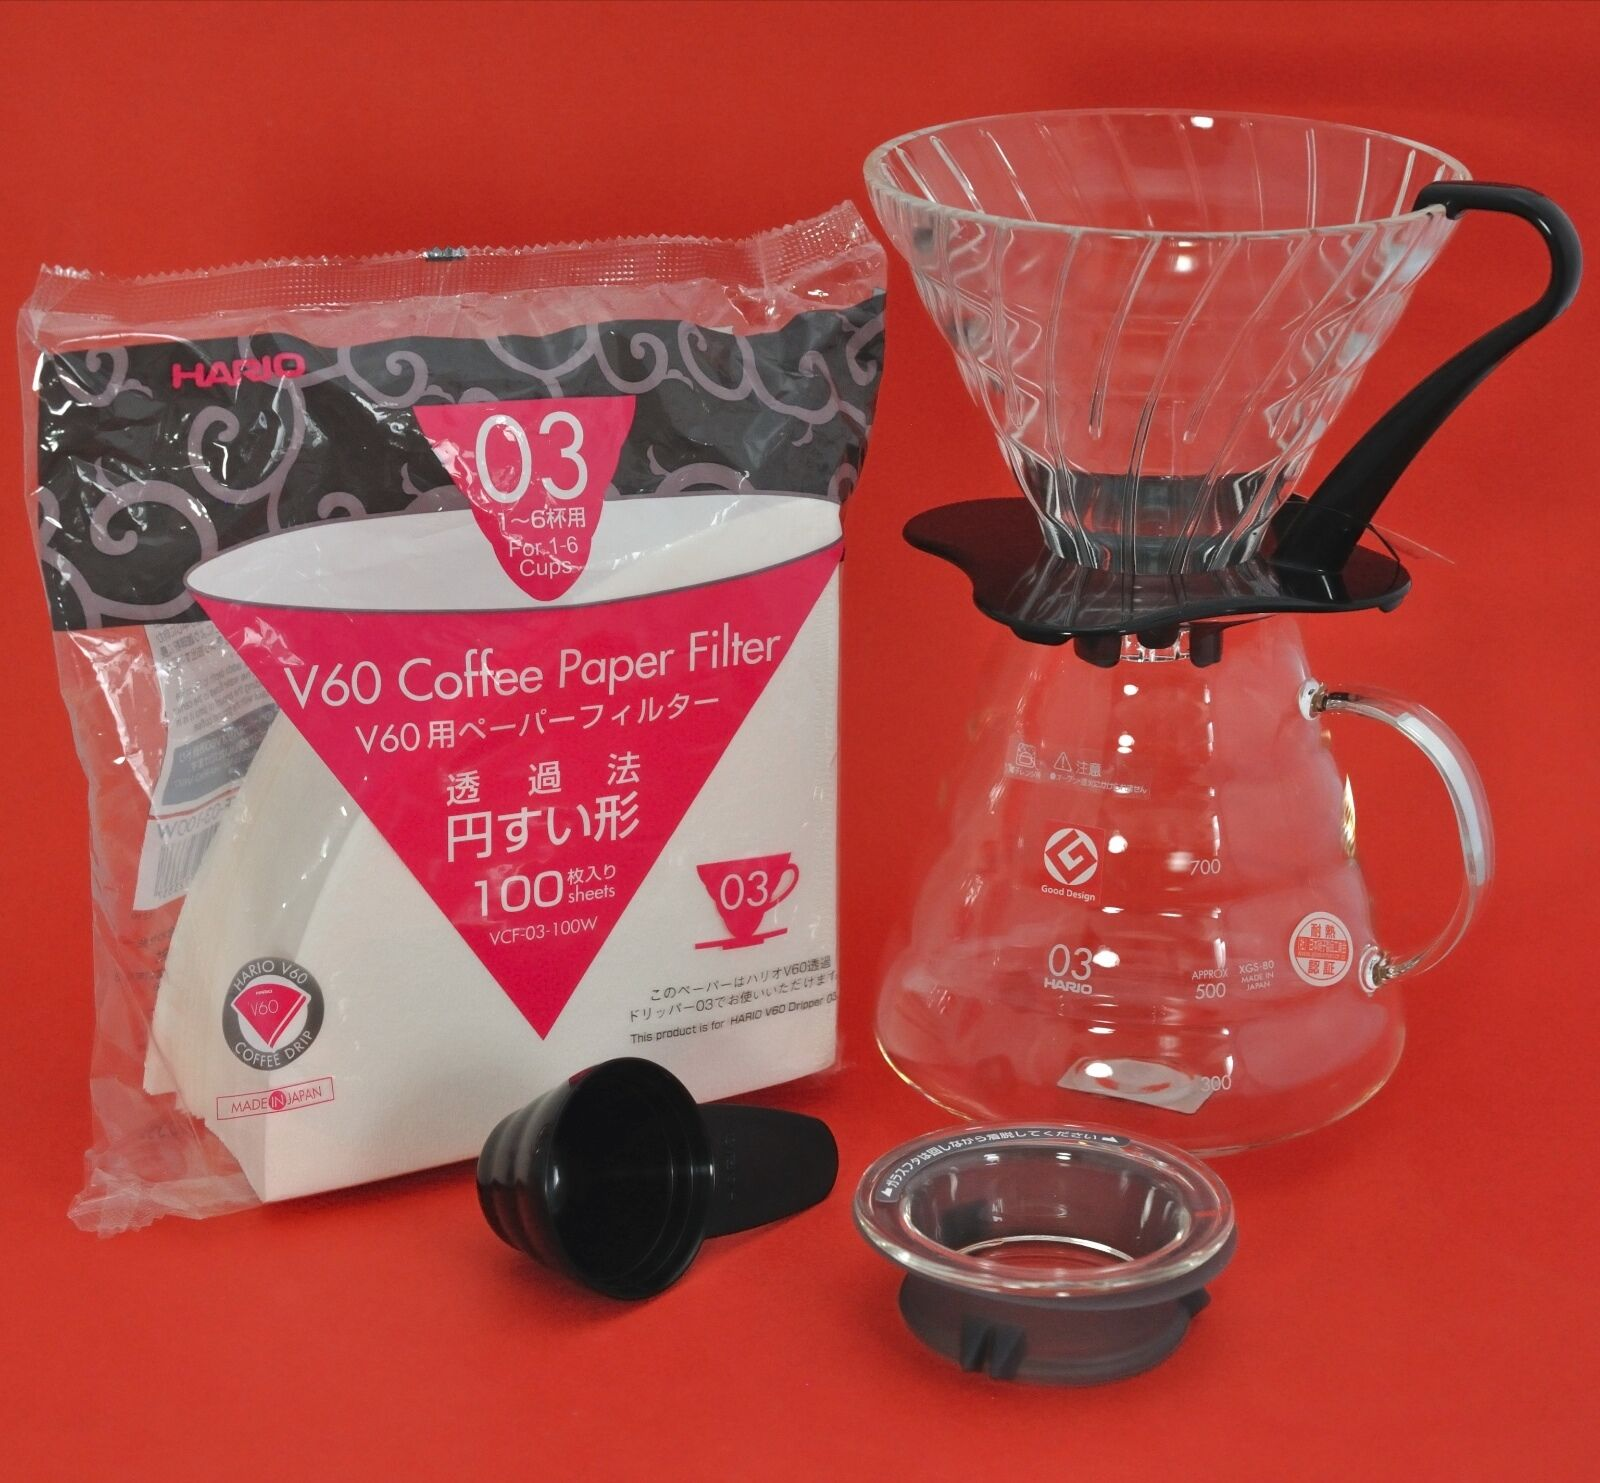 HARIO Cafetière Filtre Verre Goutteur V60 XGS-36 XGS-60 XGS-80 VDG-01 VDG-02 03